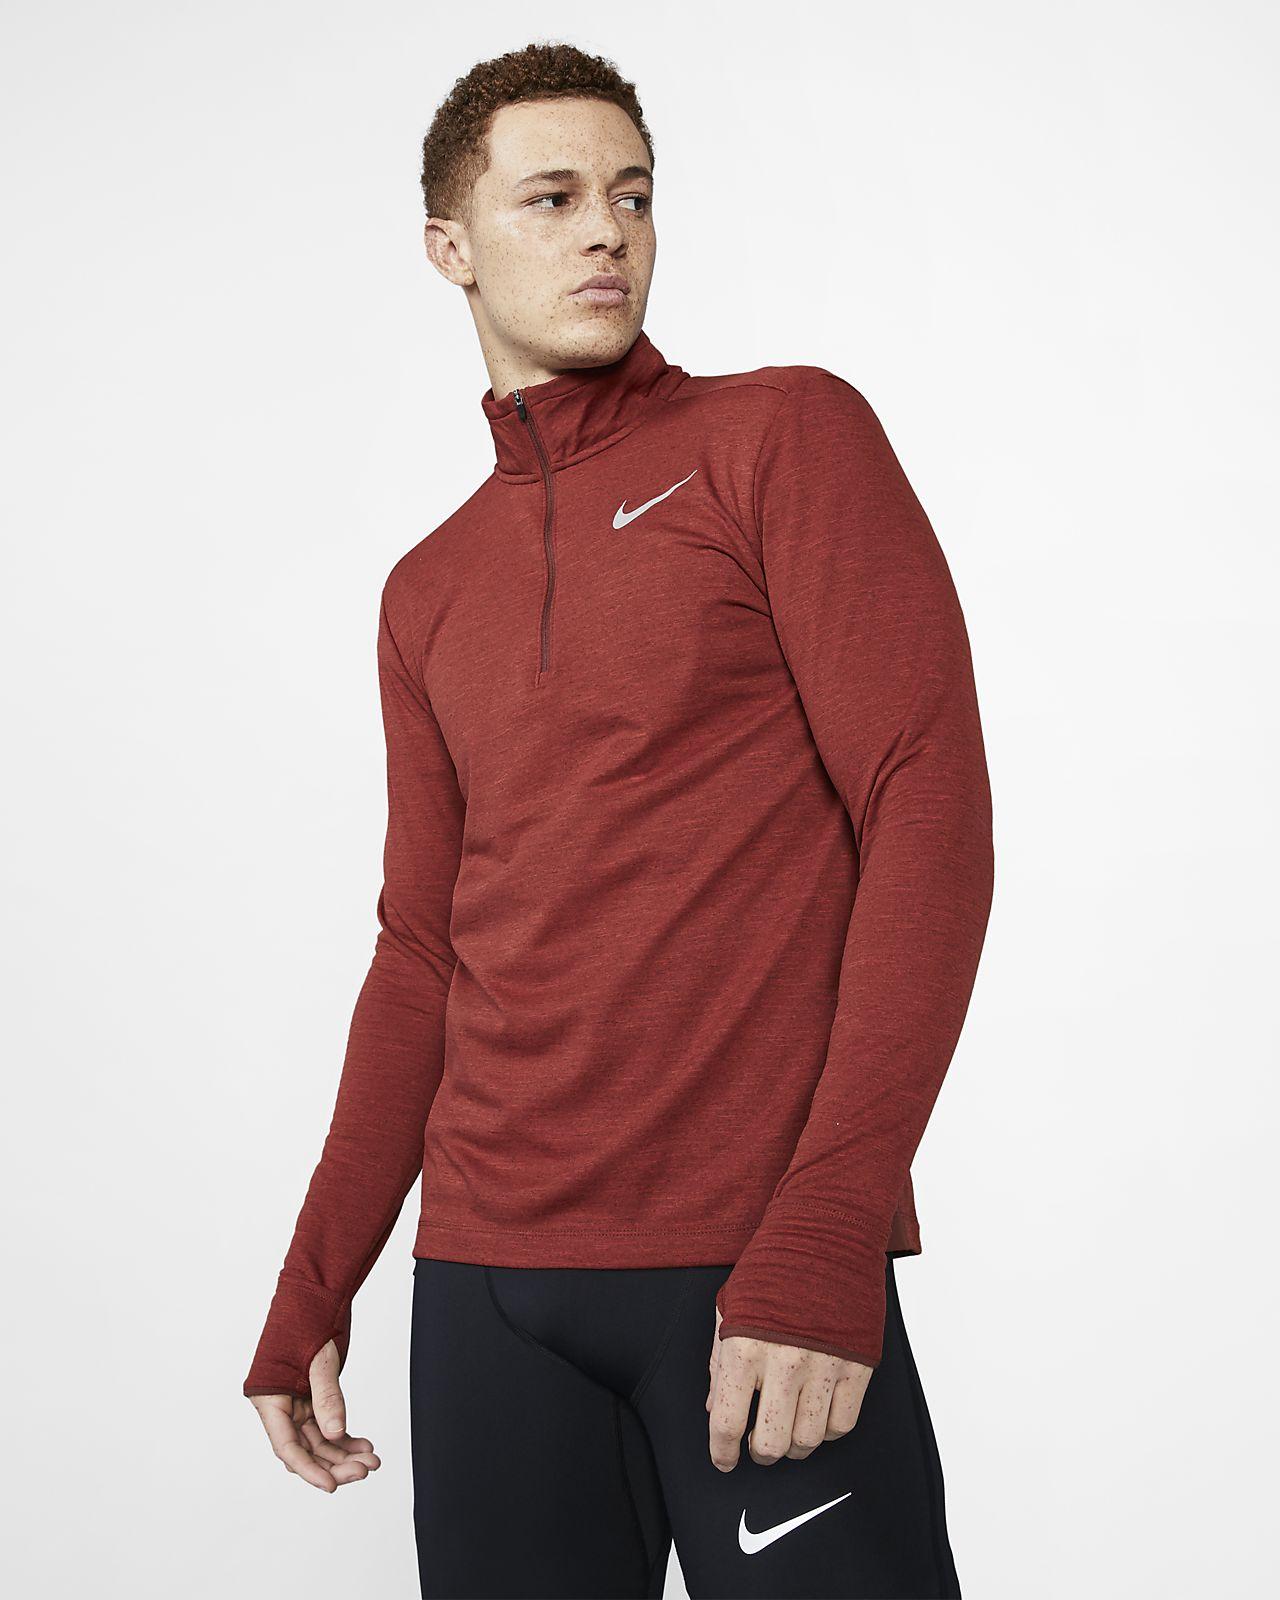 Ανδρική μπλούζα για τρέξιμο με φερμουάρ στο μισό μήκος Nike Therma Sphere